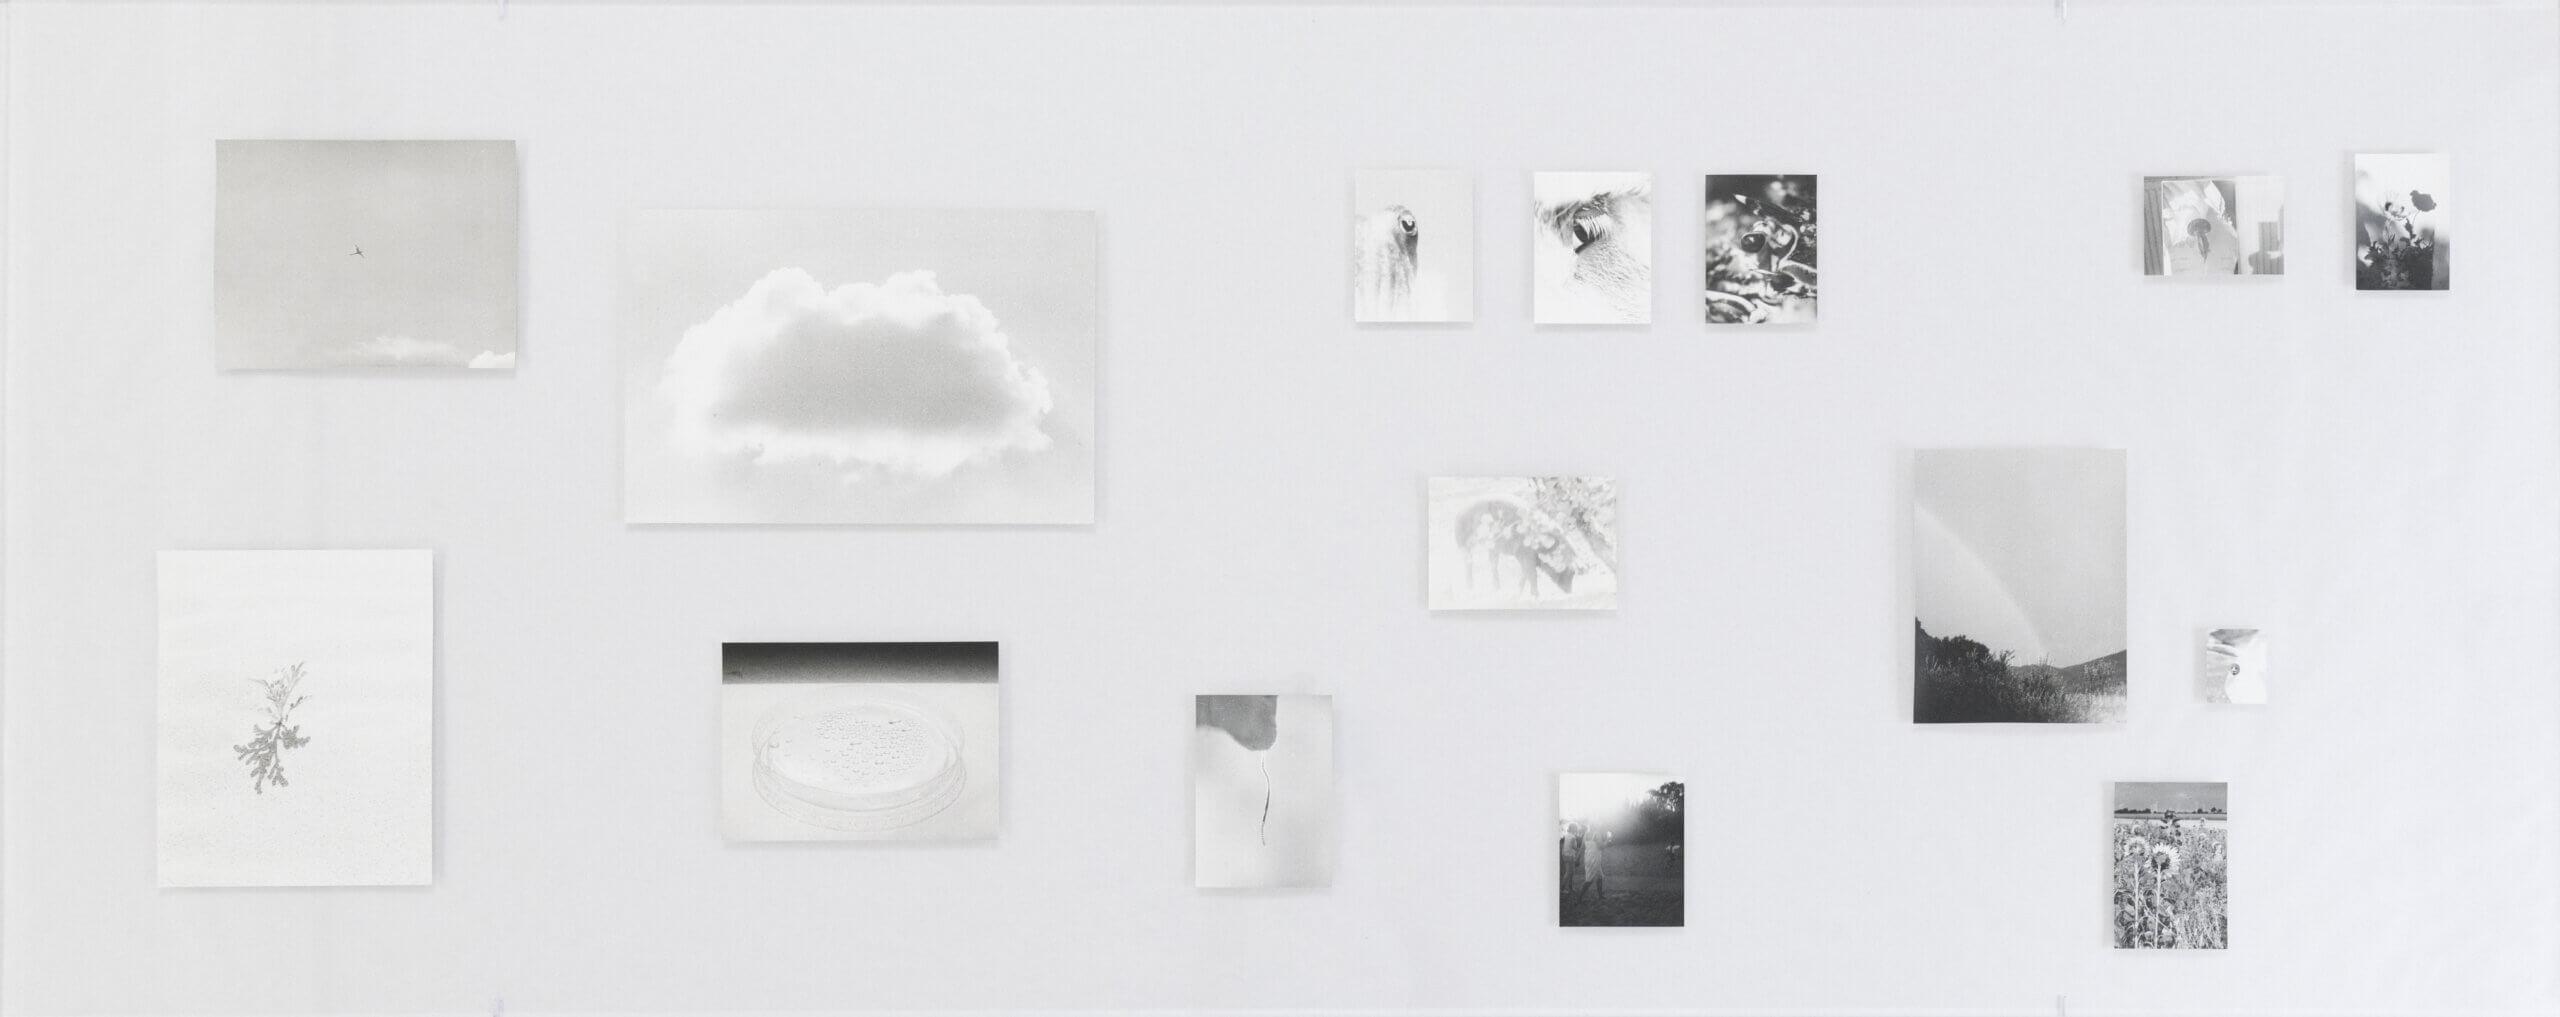 Visible Light (vitrine), 2021 | JOCHEN LEMPERT: VISIBLE LIGHT | ProjecteSD